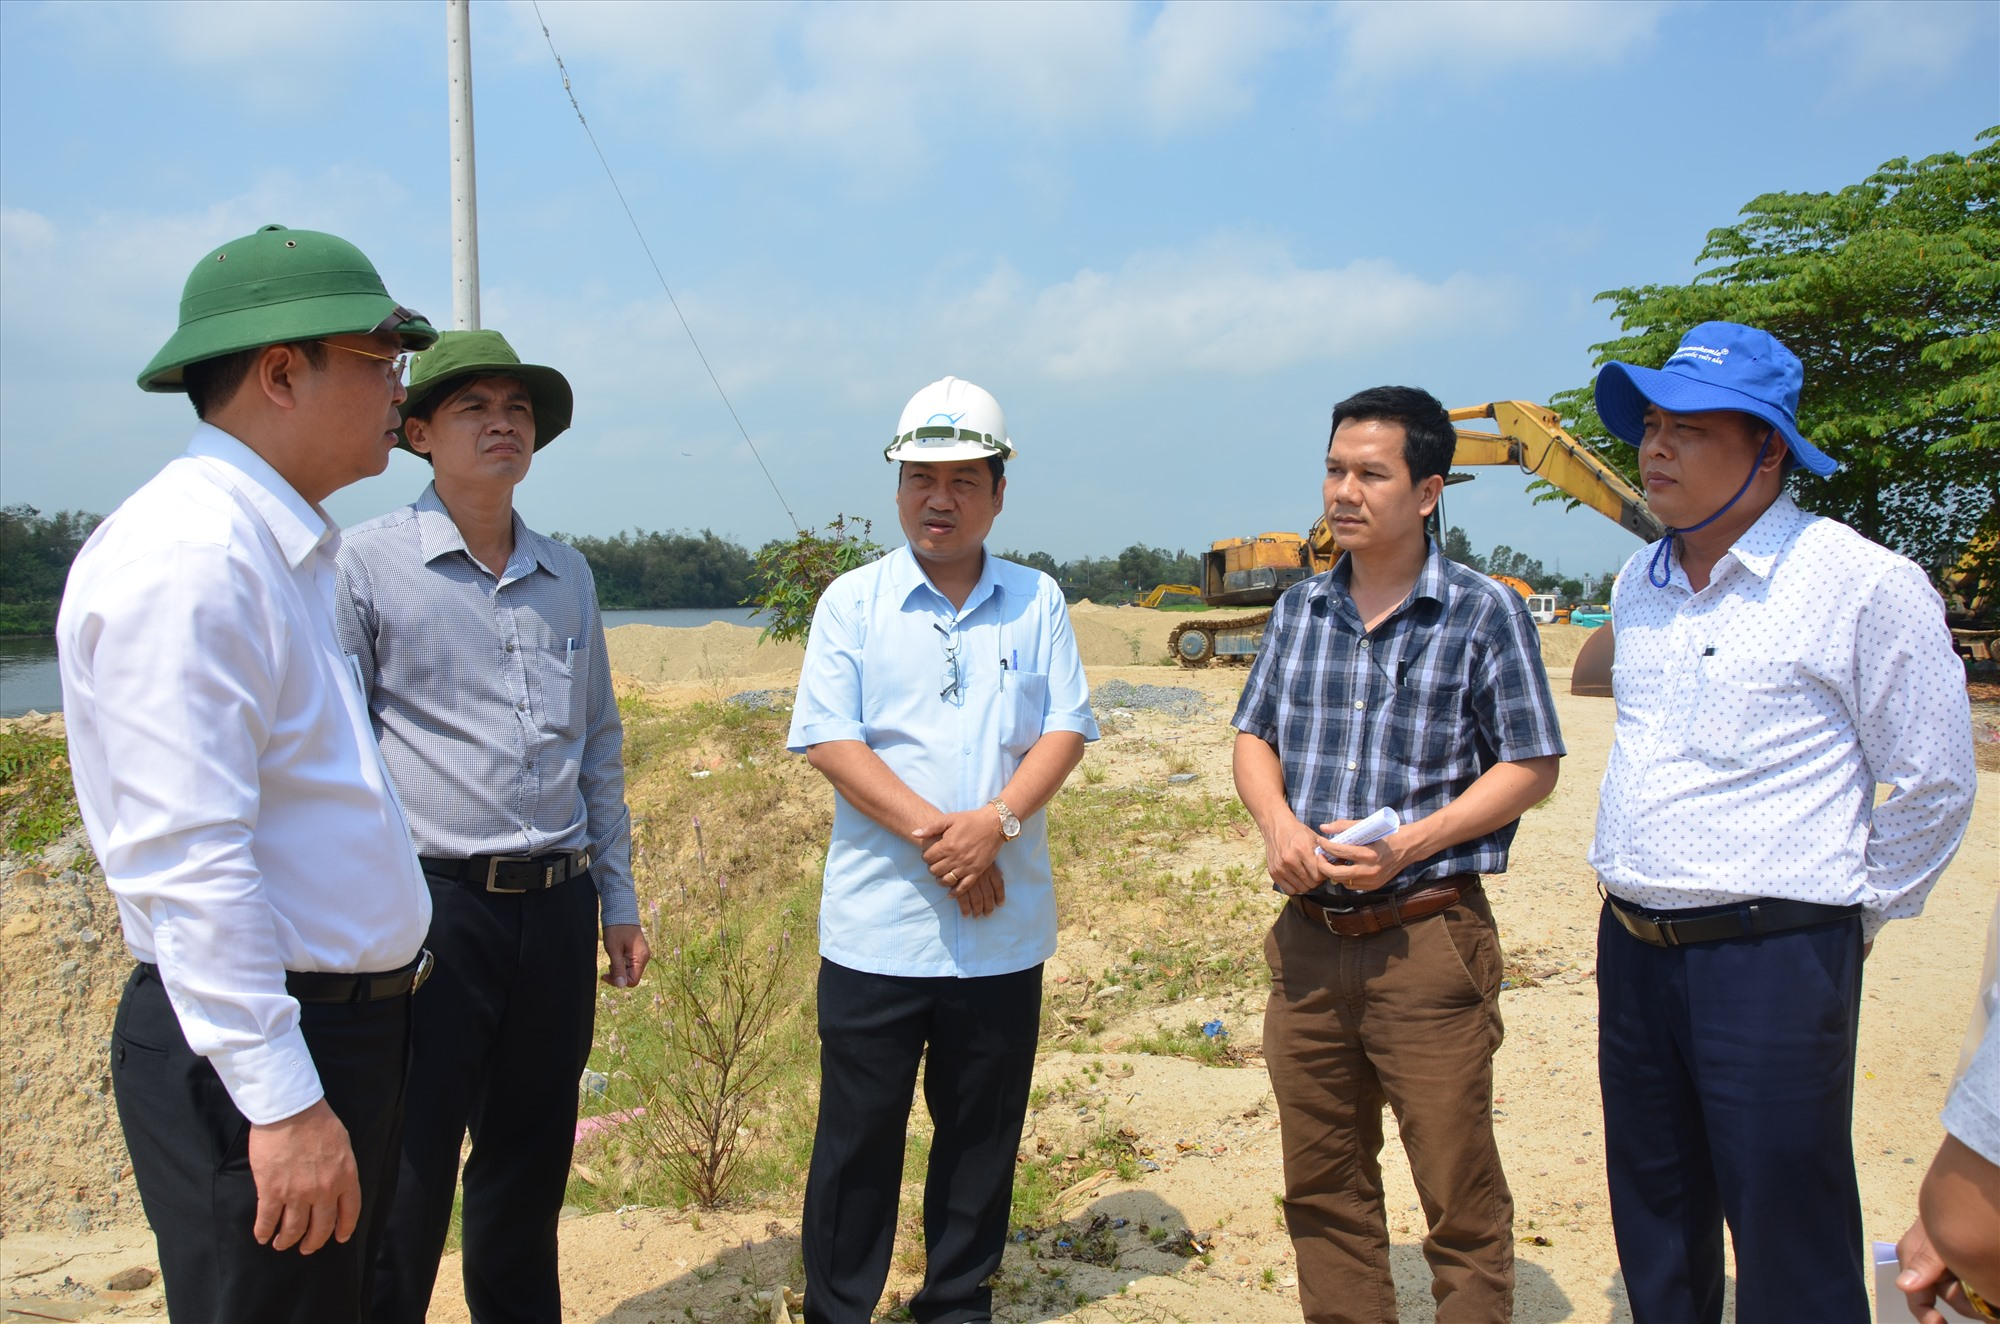 Lãnh đạo tỉnh trong lần kiểm tra khoáng sản cát tại phường Điện Ngọc (Điện Bàn). Ảnh: T.H